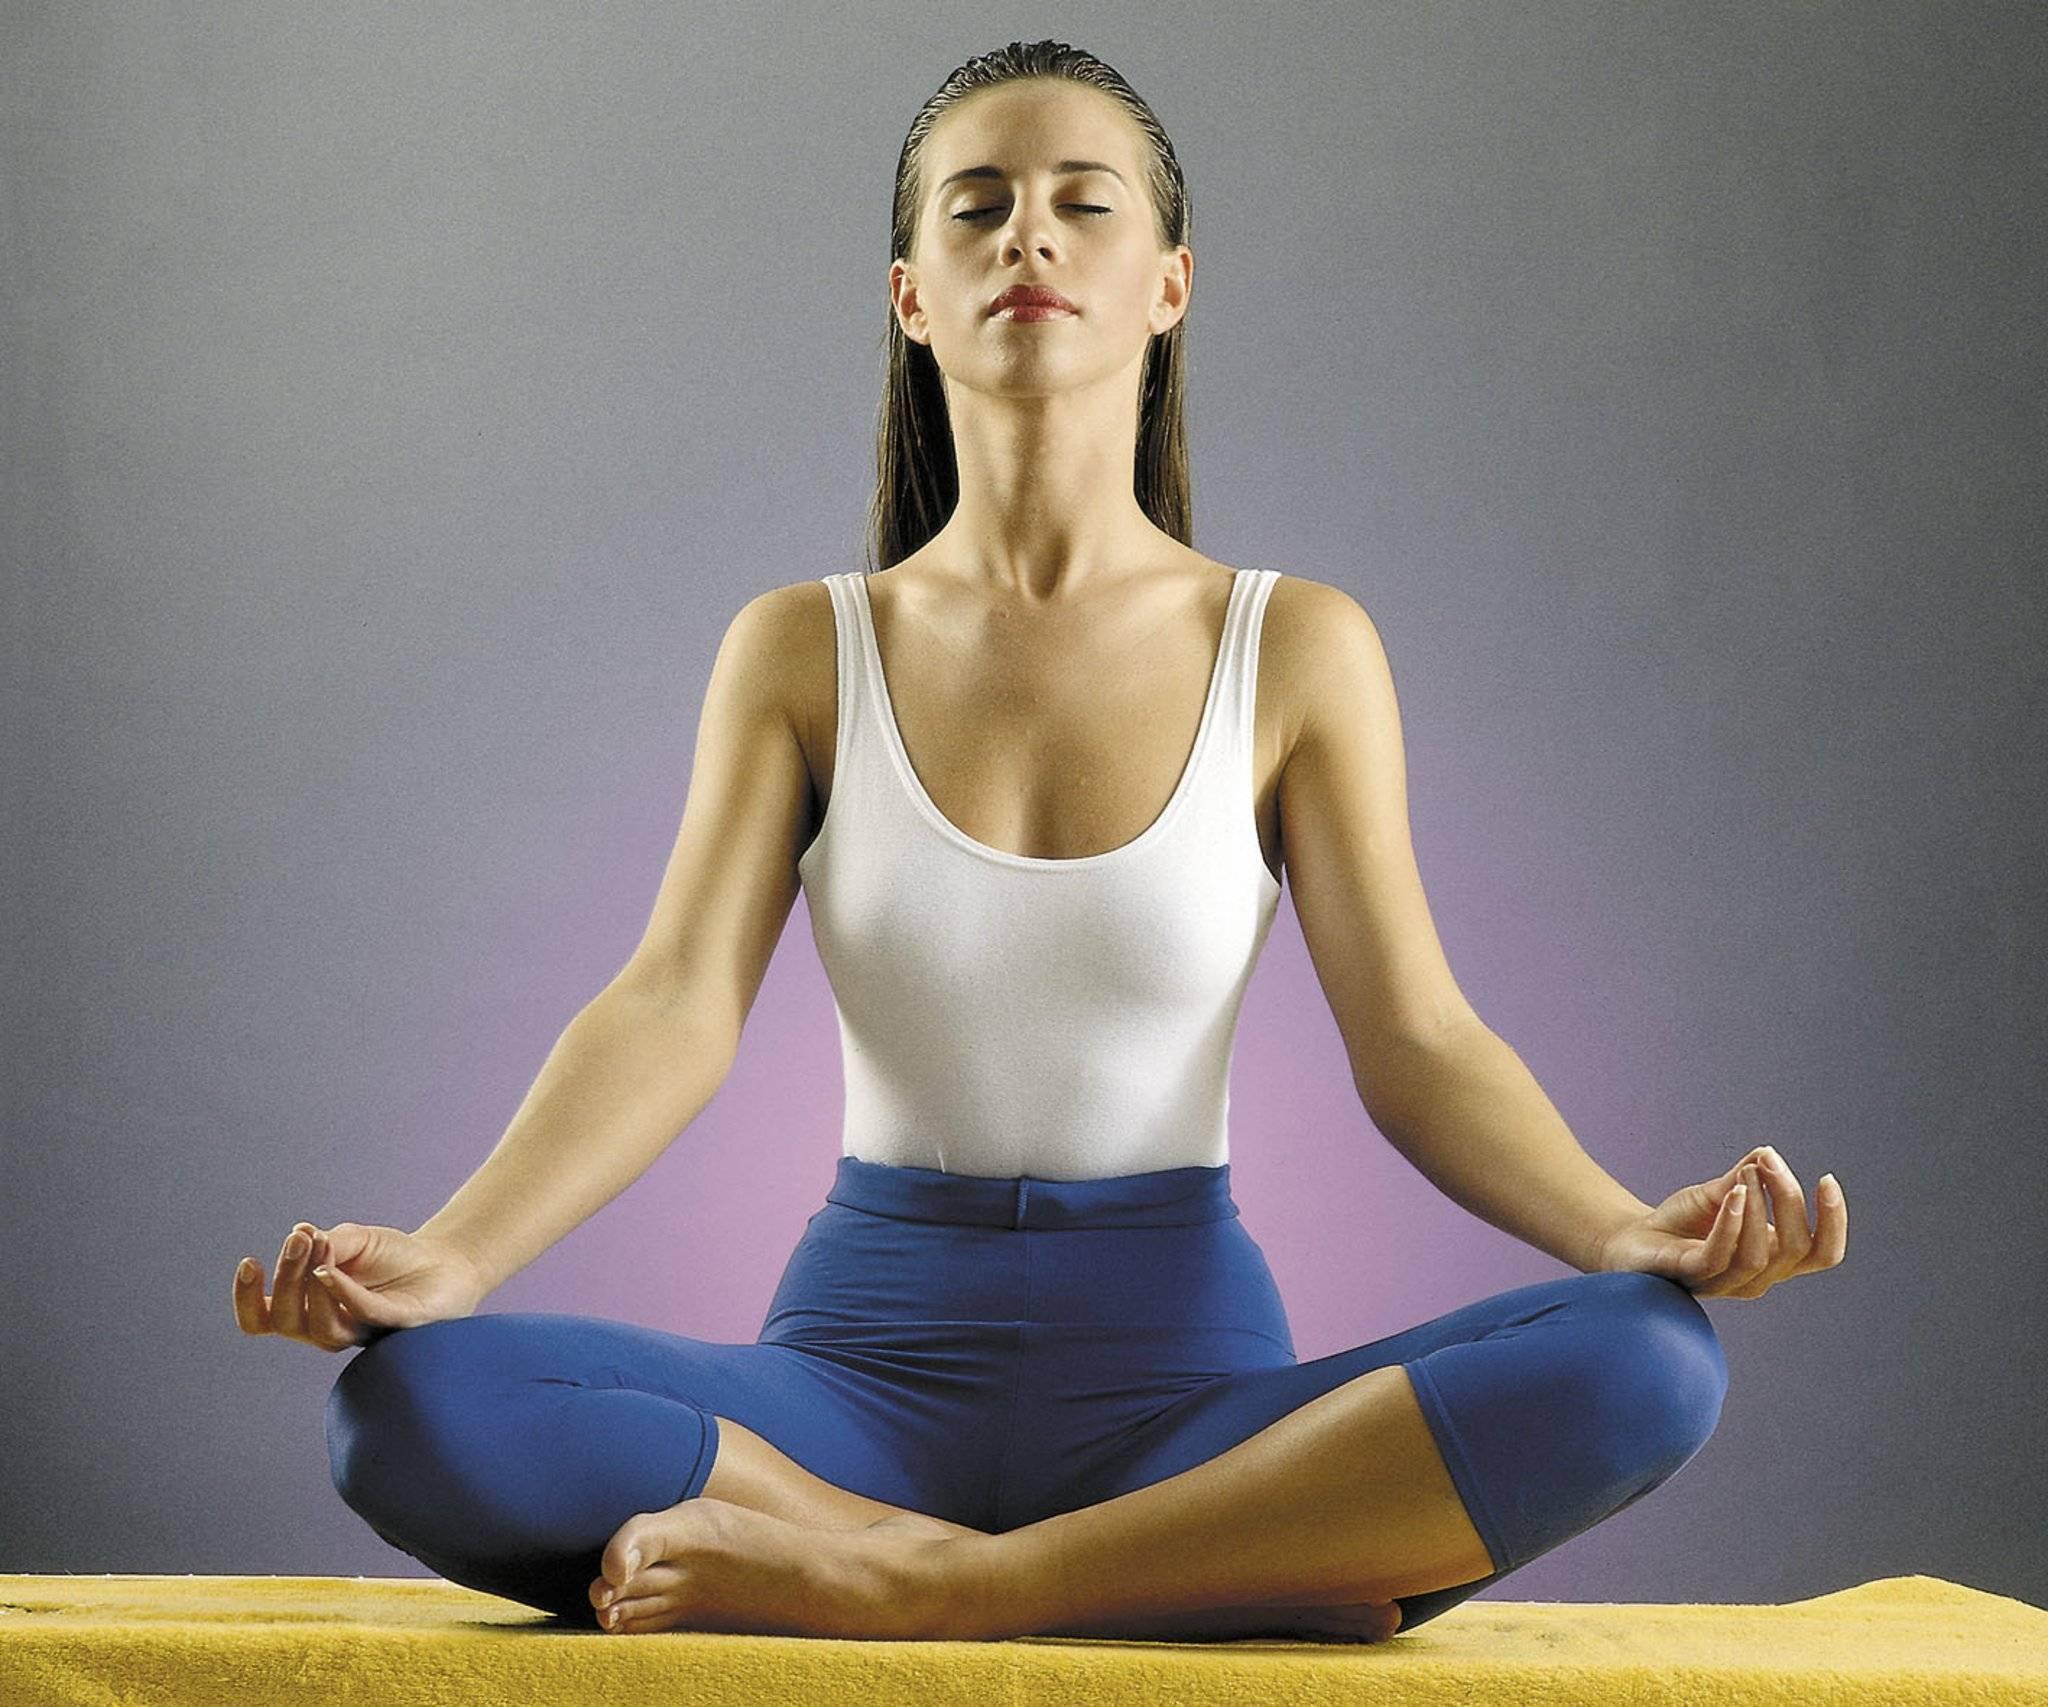 Пранаяма для начинающих: техника дыхания при выполнении упражнений (плюс видео)